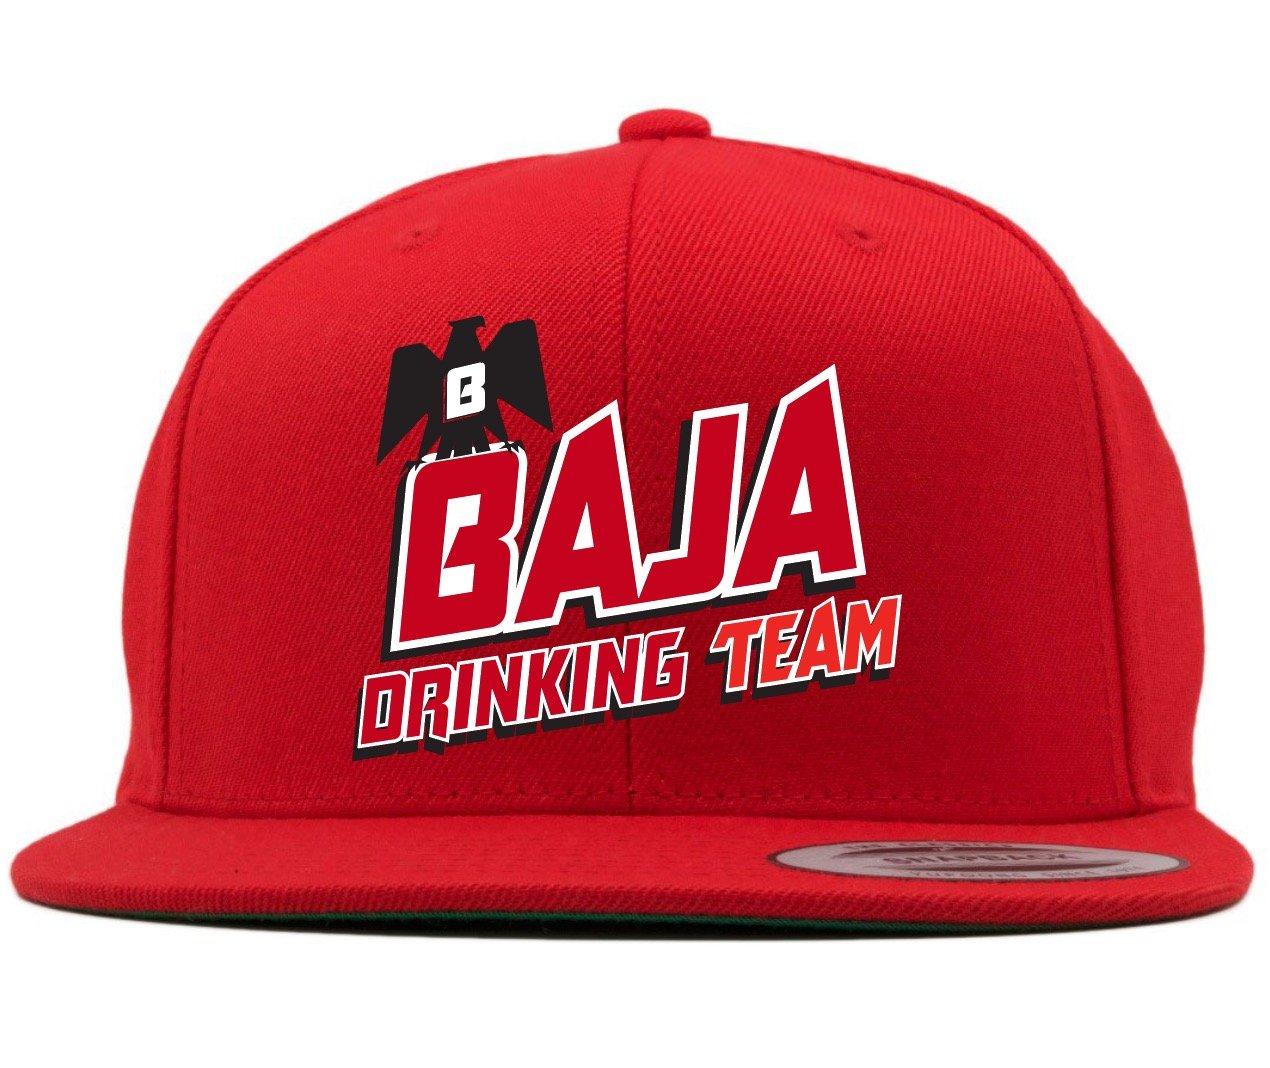 Image of Baja Drinking Team SnapBack Hat